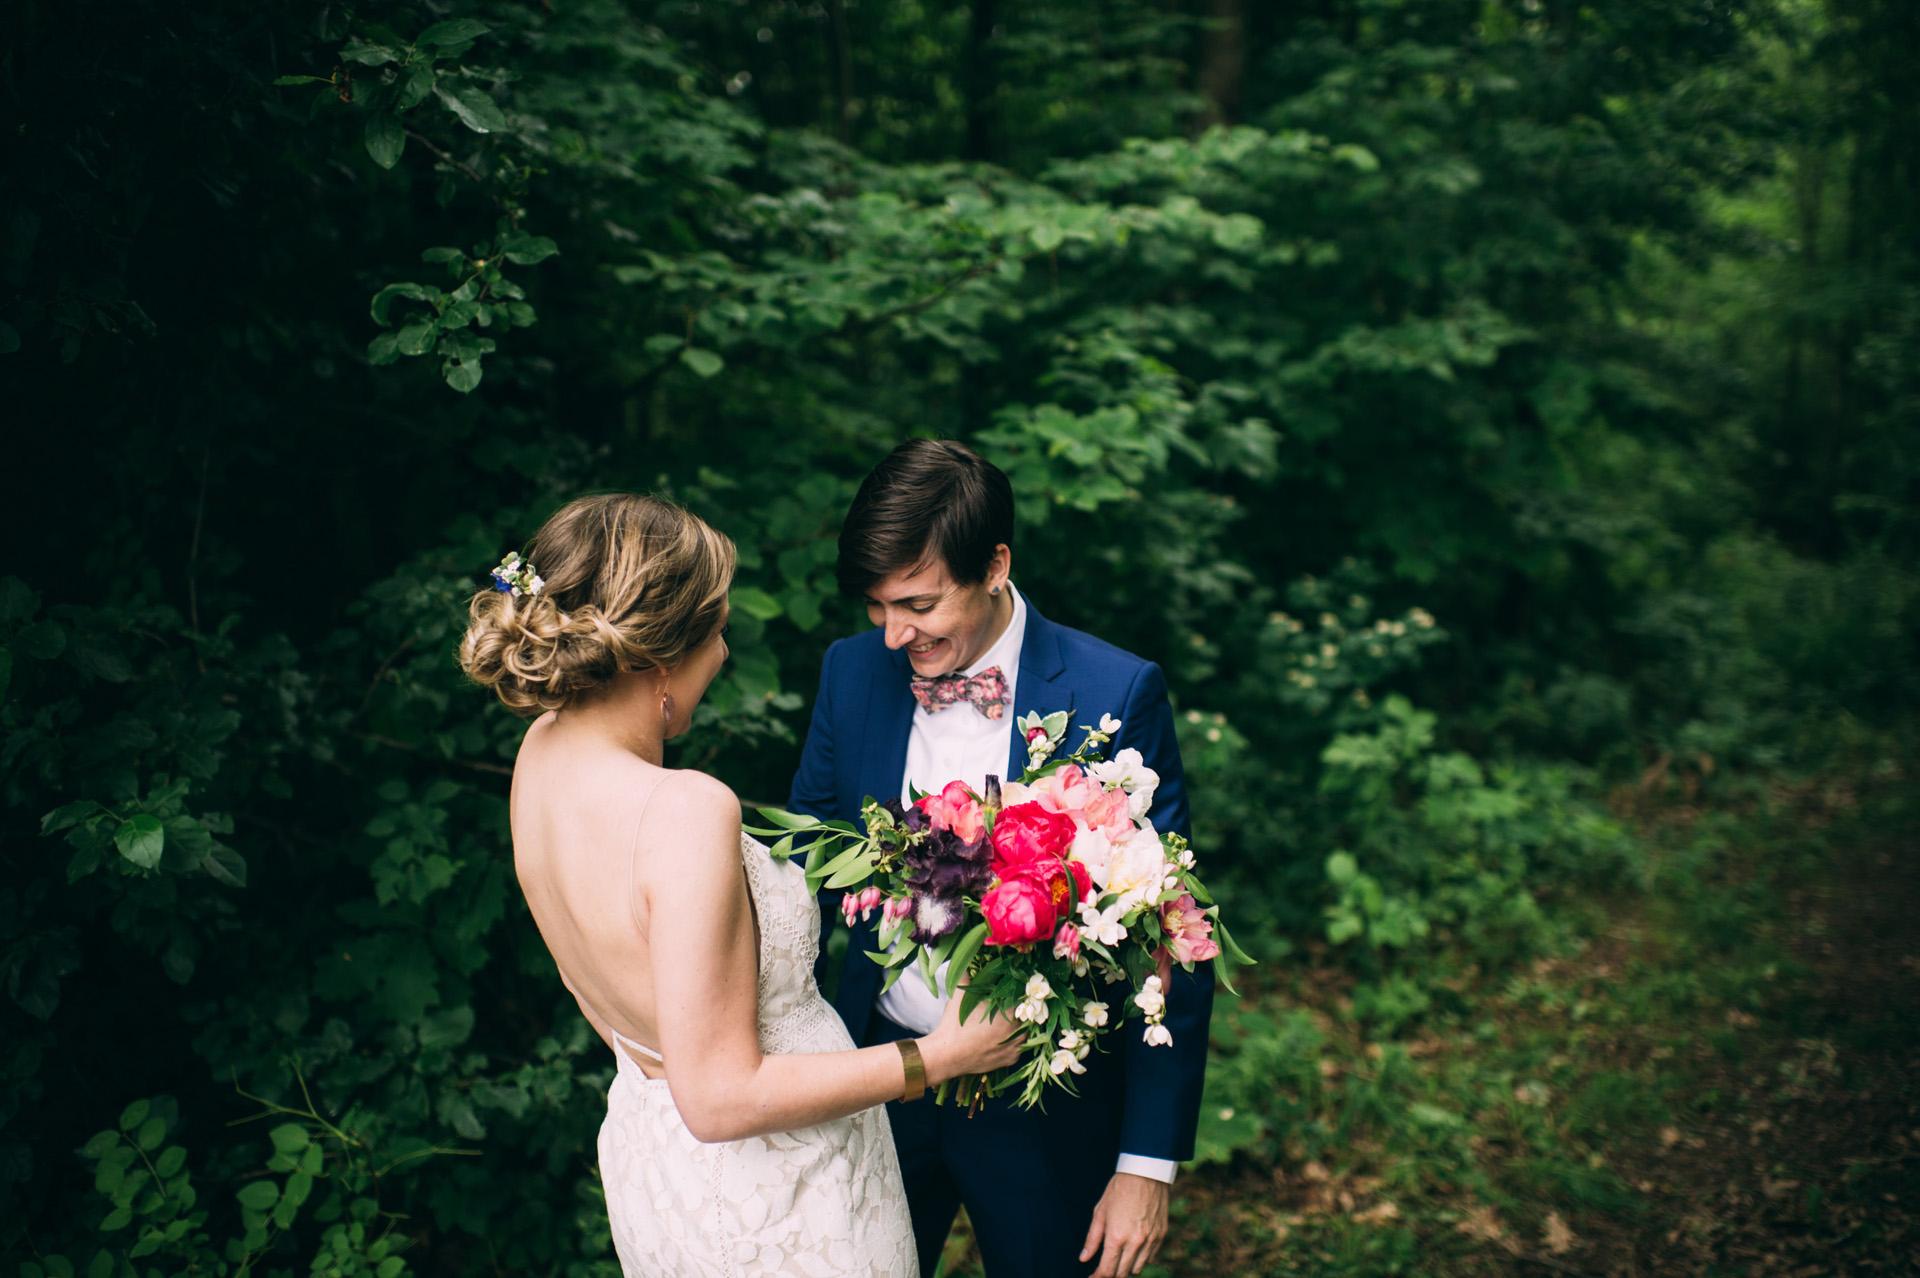 broadturn-farm-wedding-17